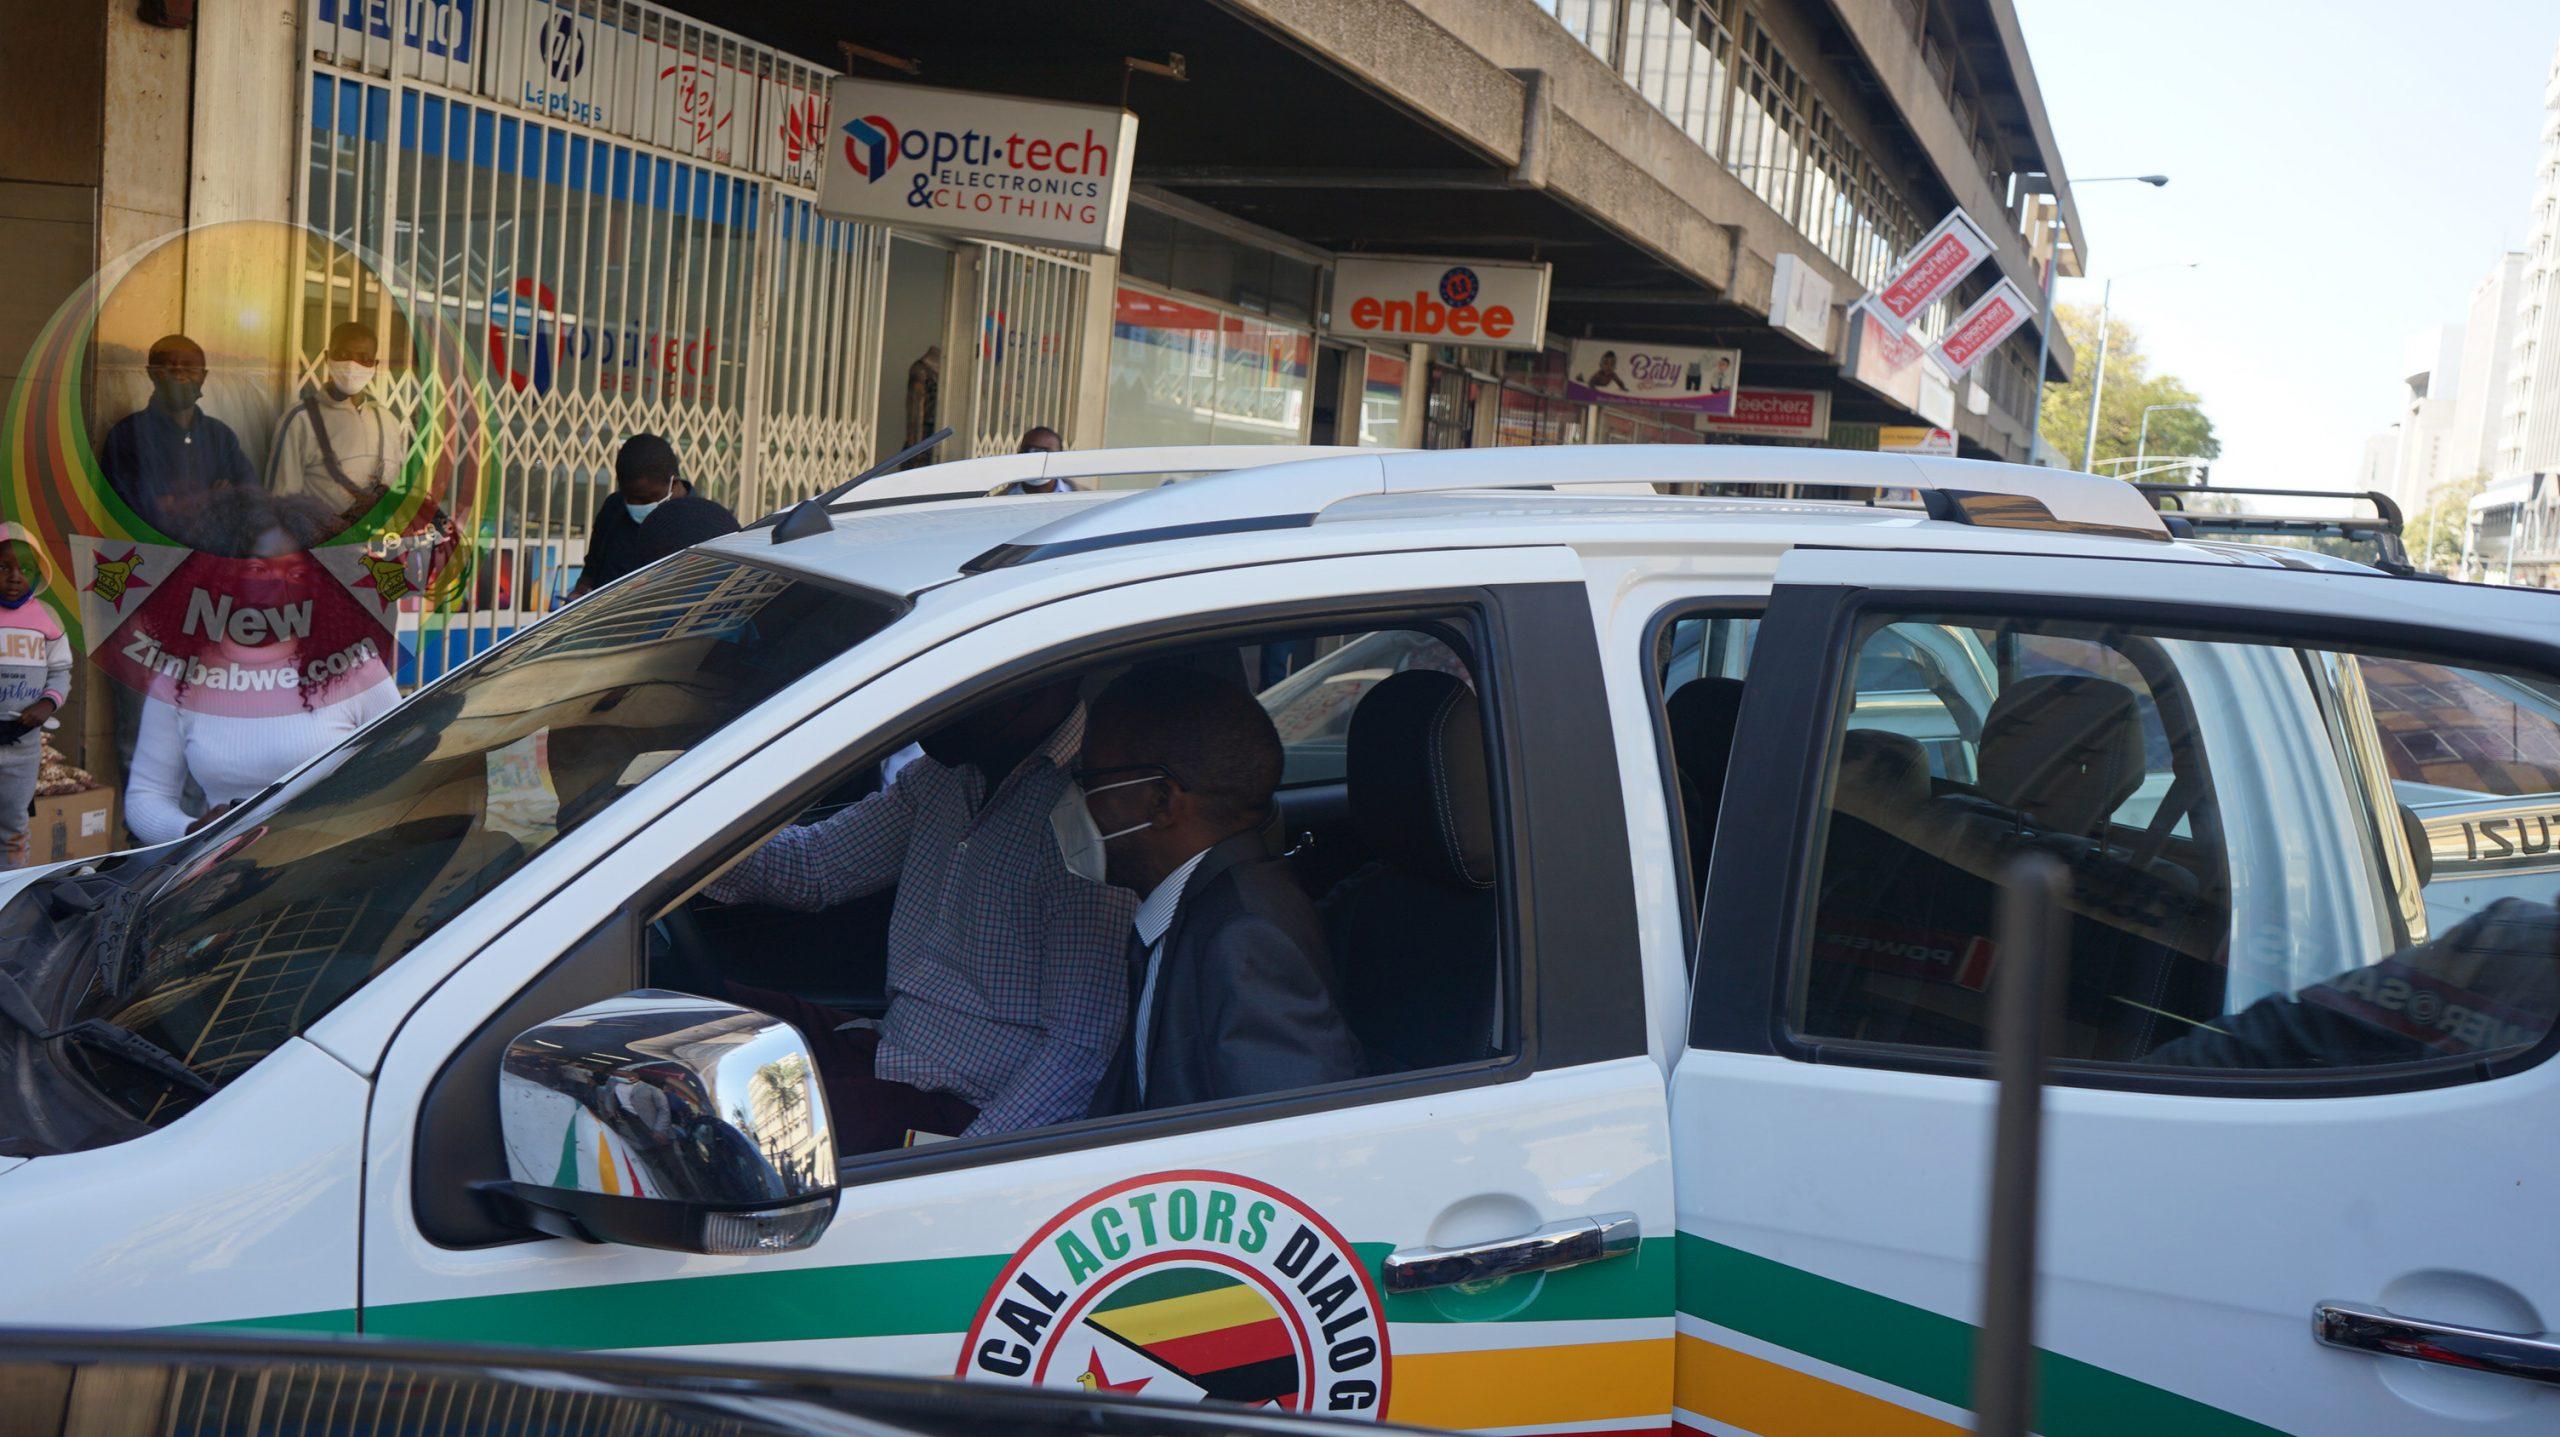 POLAD Vehicles: Madhuku Asks For More